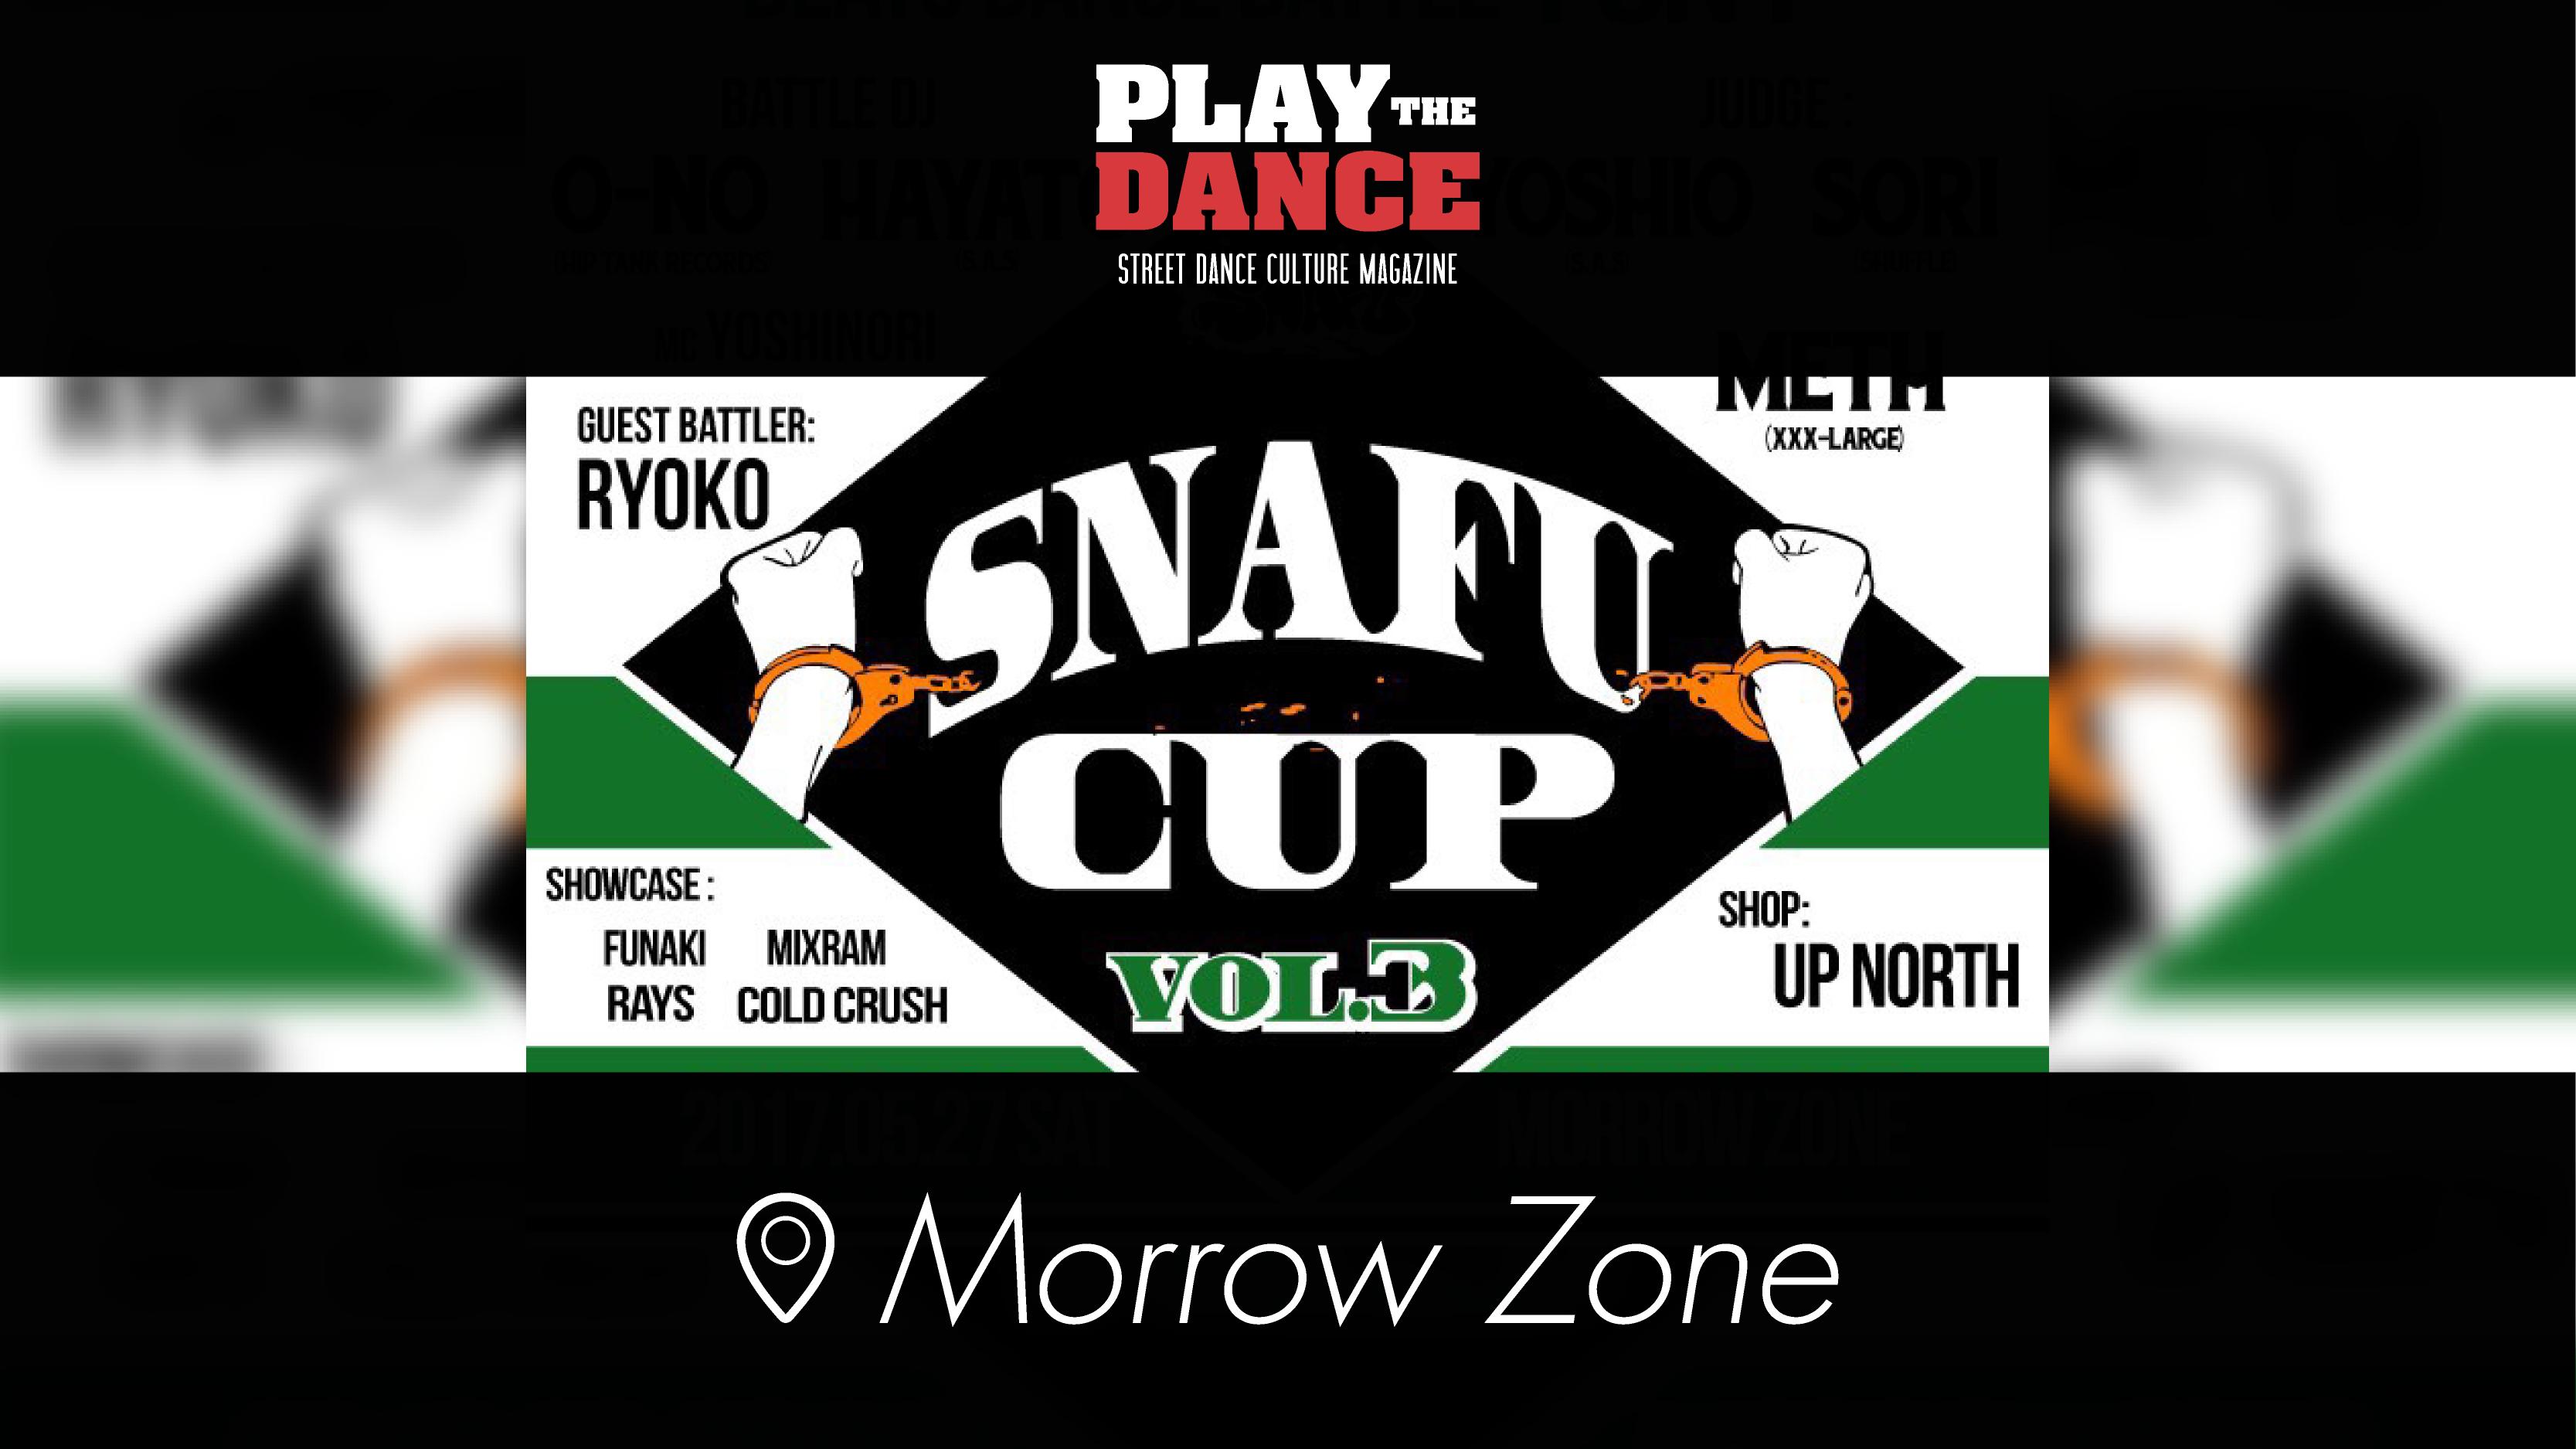 SNAFU CUP